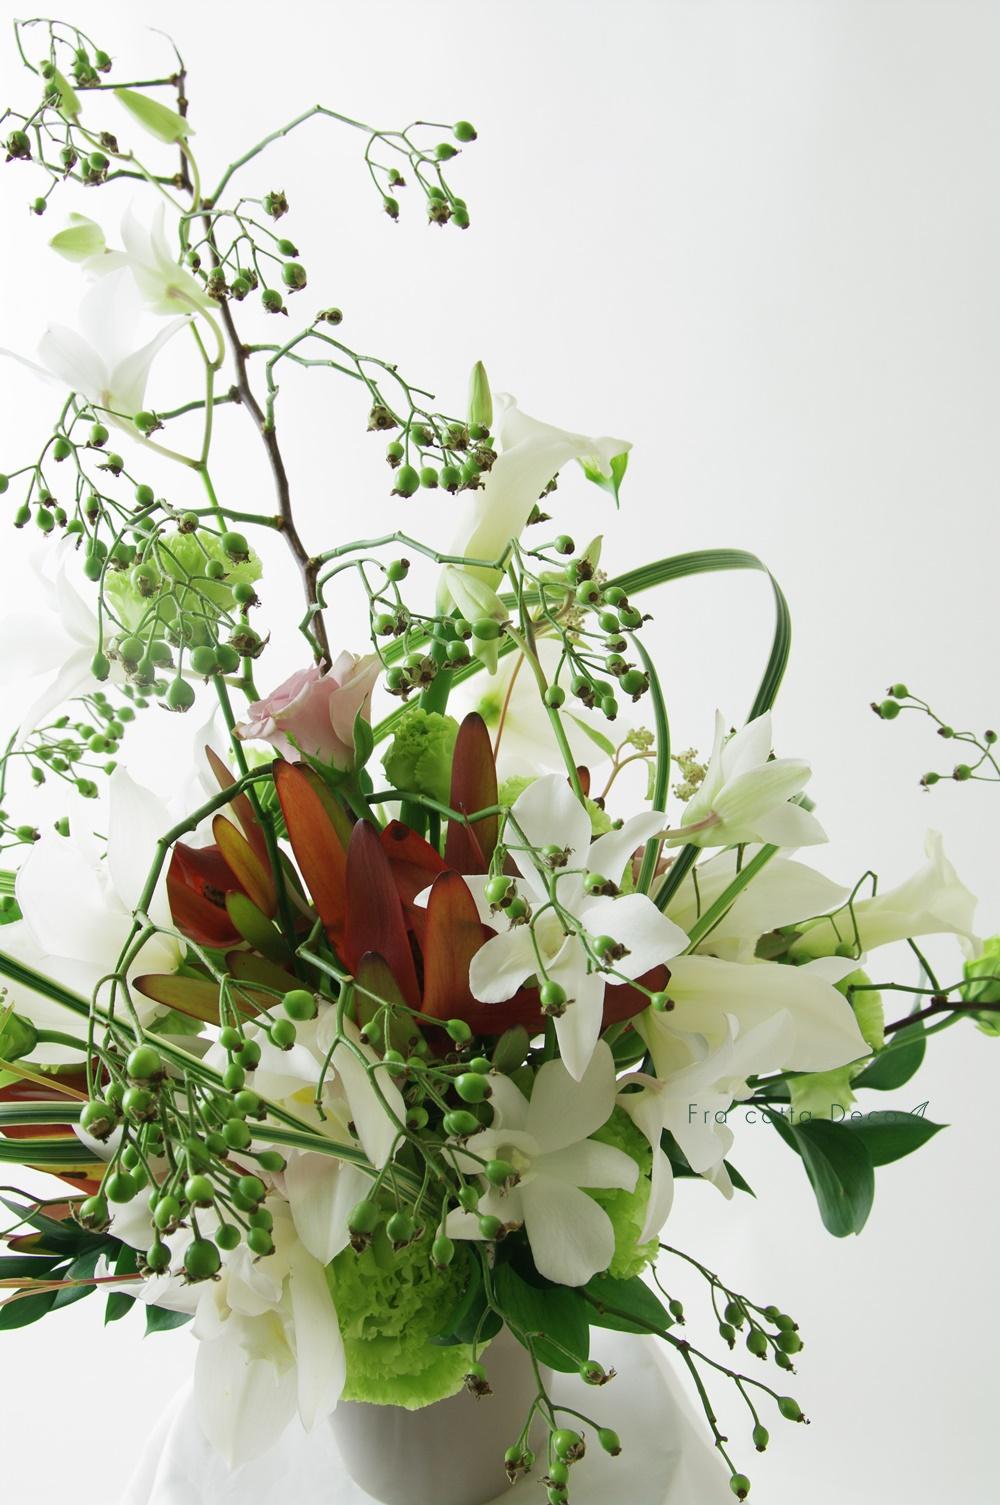 【市場見学・仕入実習NO3】生徒さん、花市場で仕入れた花材で作品を制作!